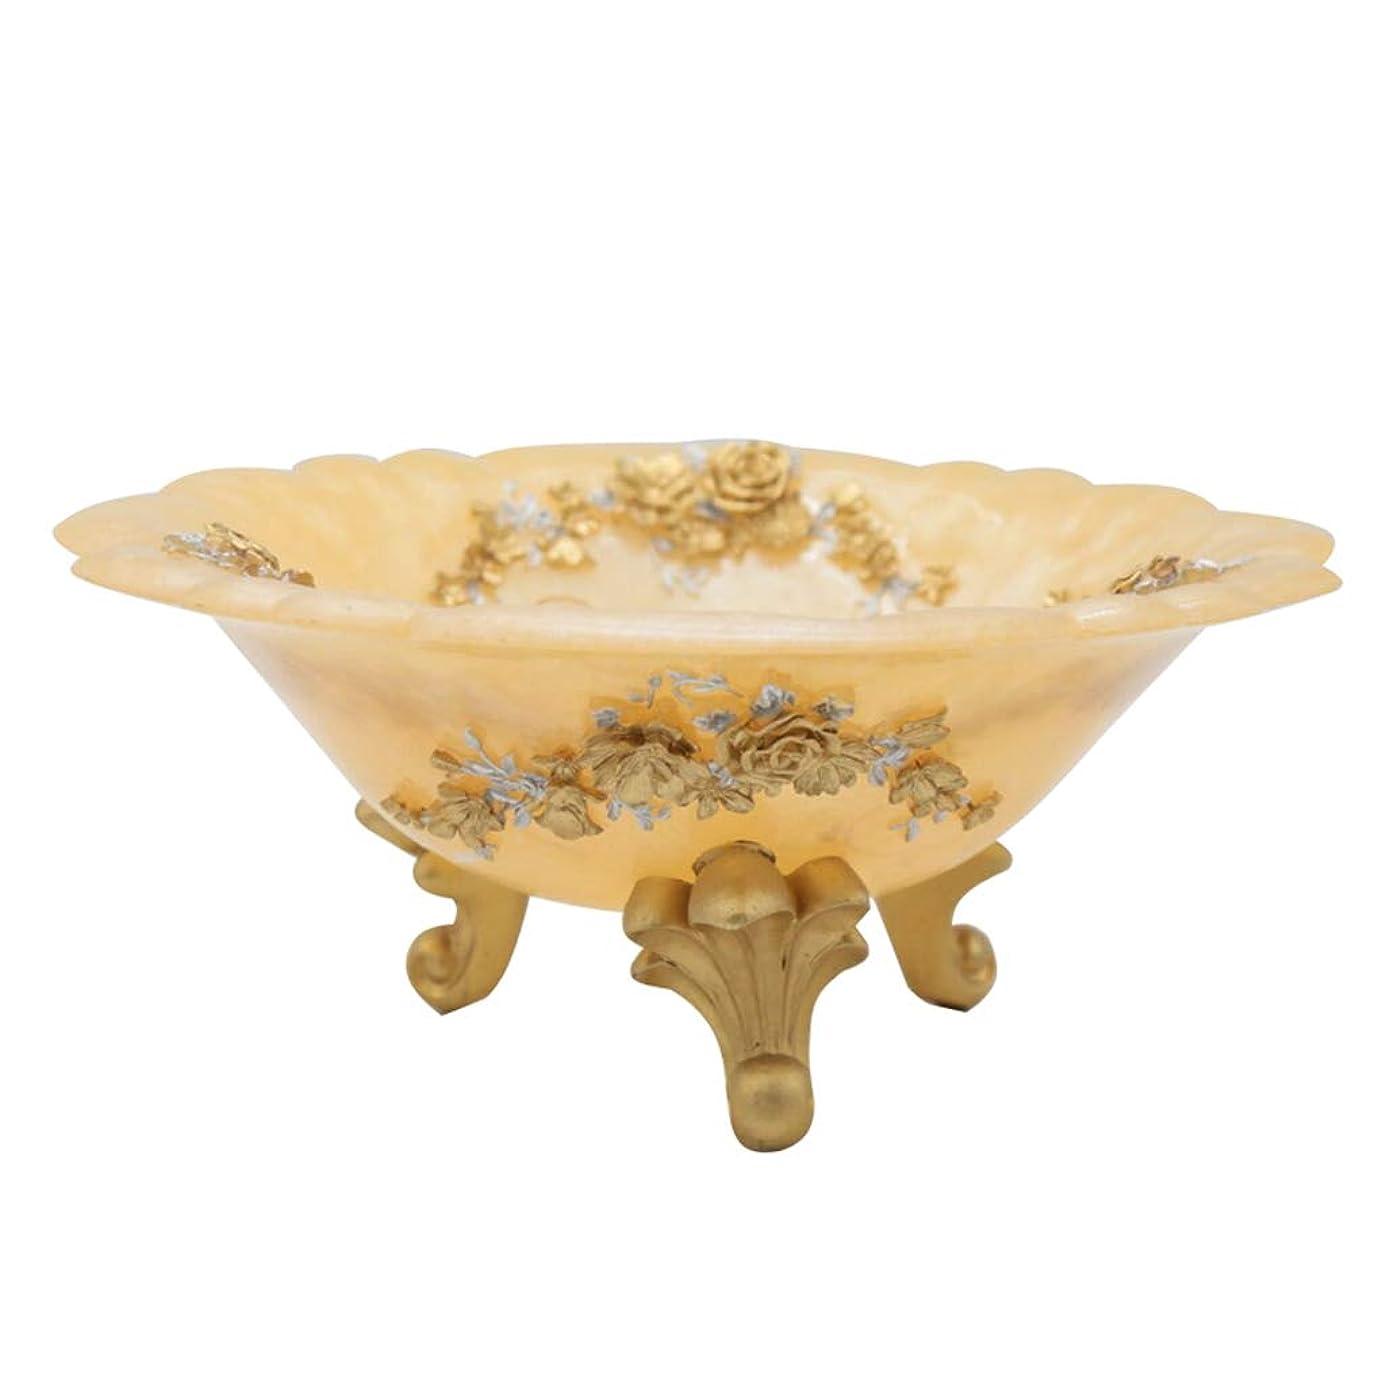 出演者ローマ人レオナルドダ創造的な果物のプレートは、果物の鍋の家庭の飾りの飾り QYSZYG